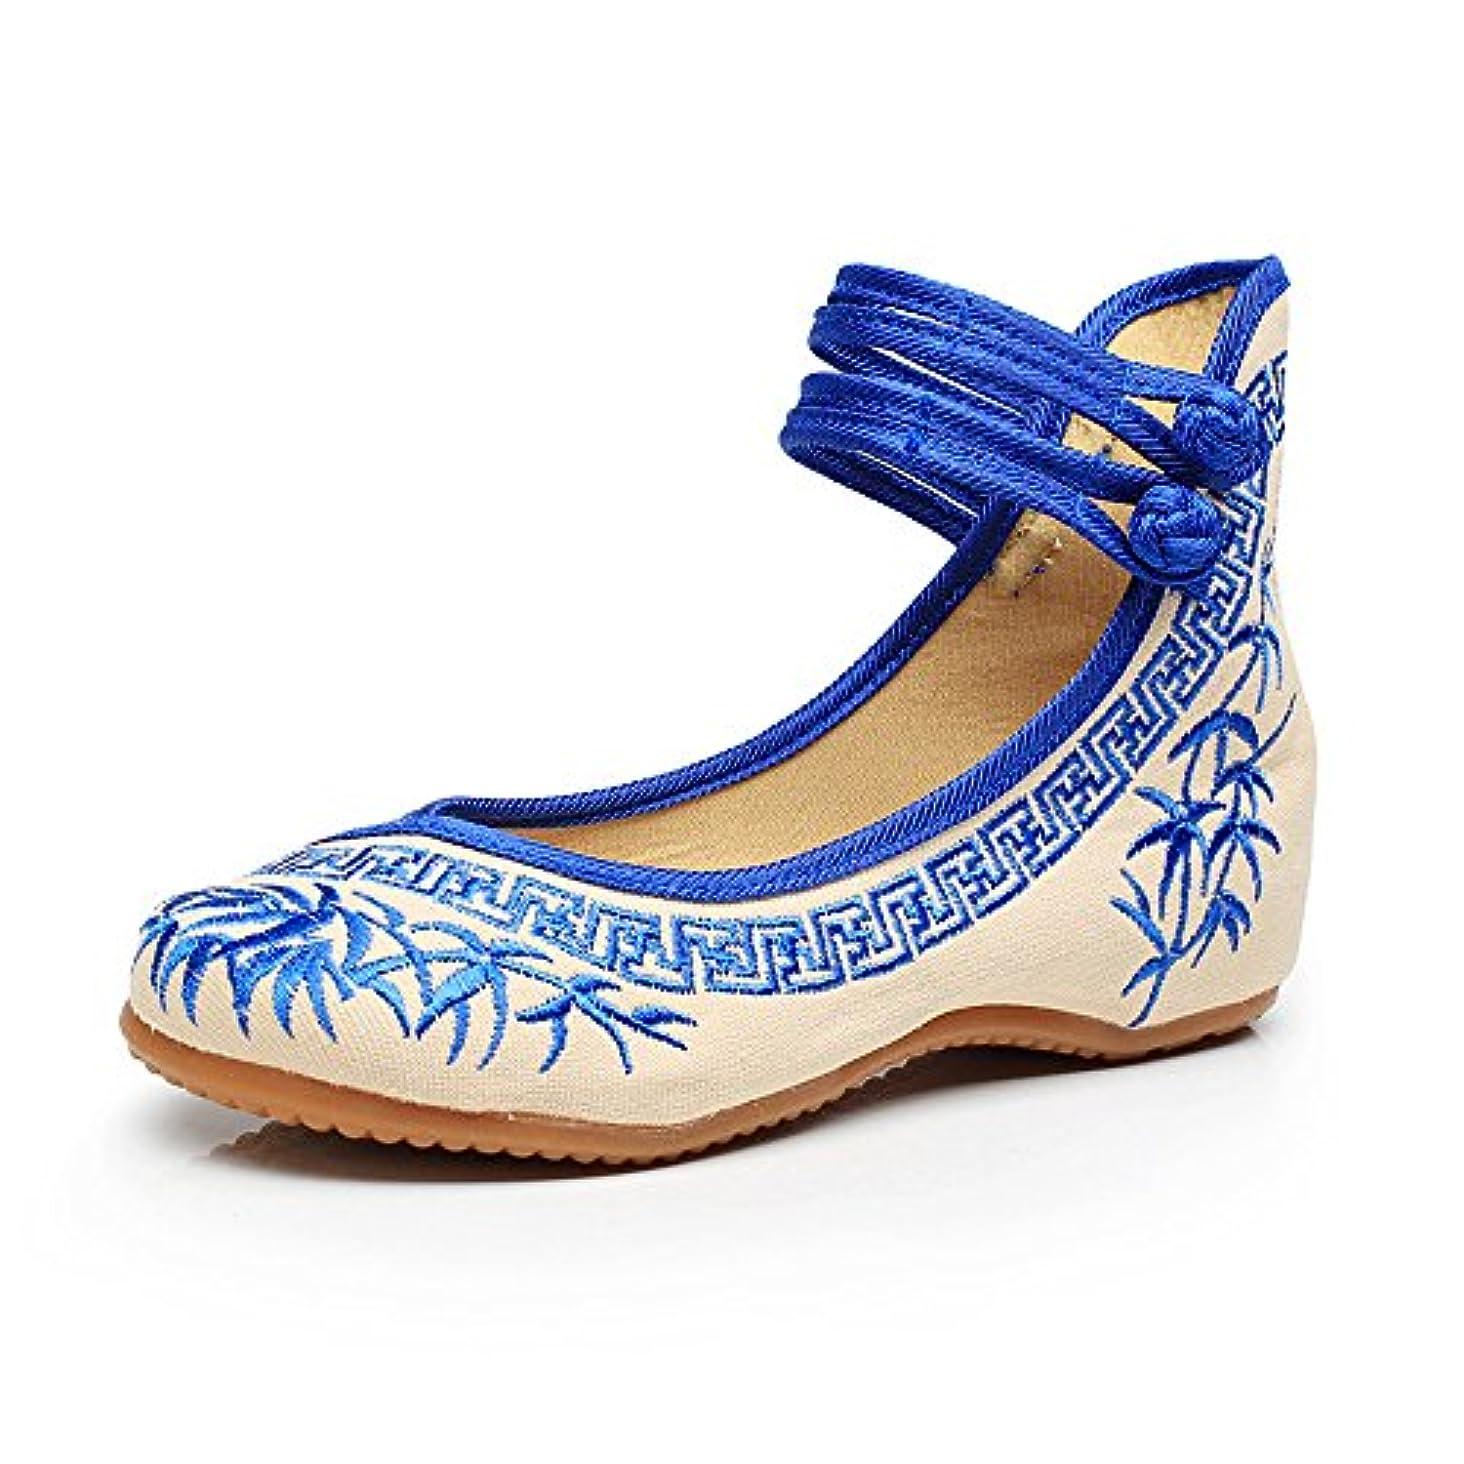 気難しい世界記録のギネスブックブーム[Fanwer] 竹刺繍女性の靴中国のカジュアルなフラットソールメアリーJanes靴